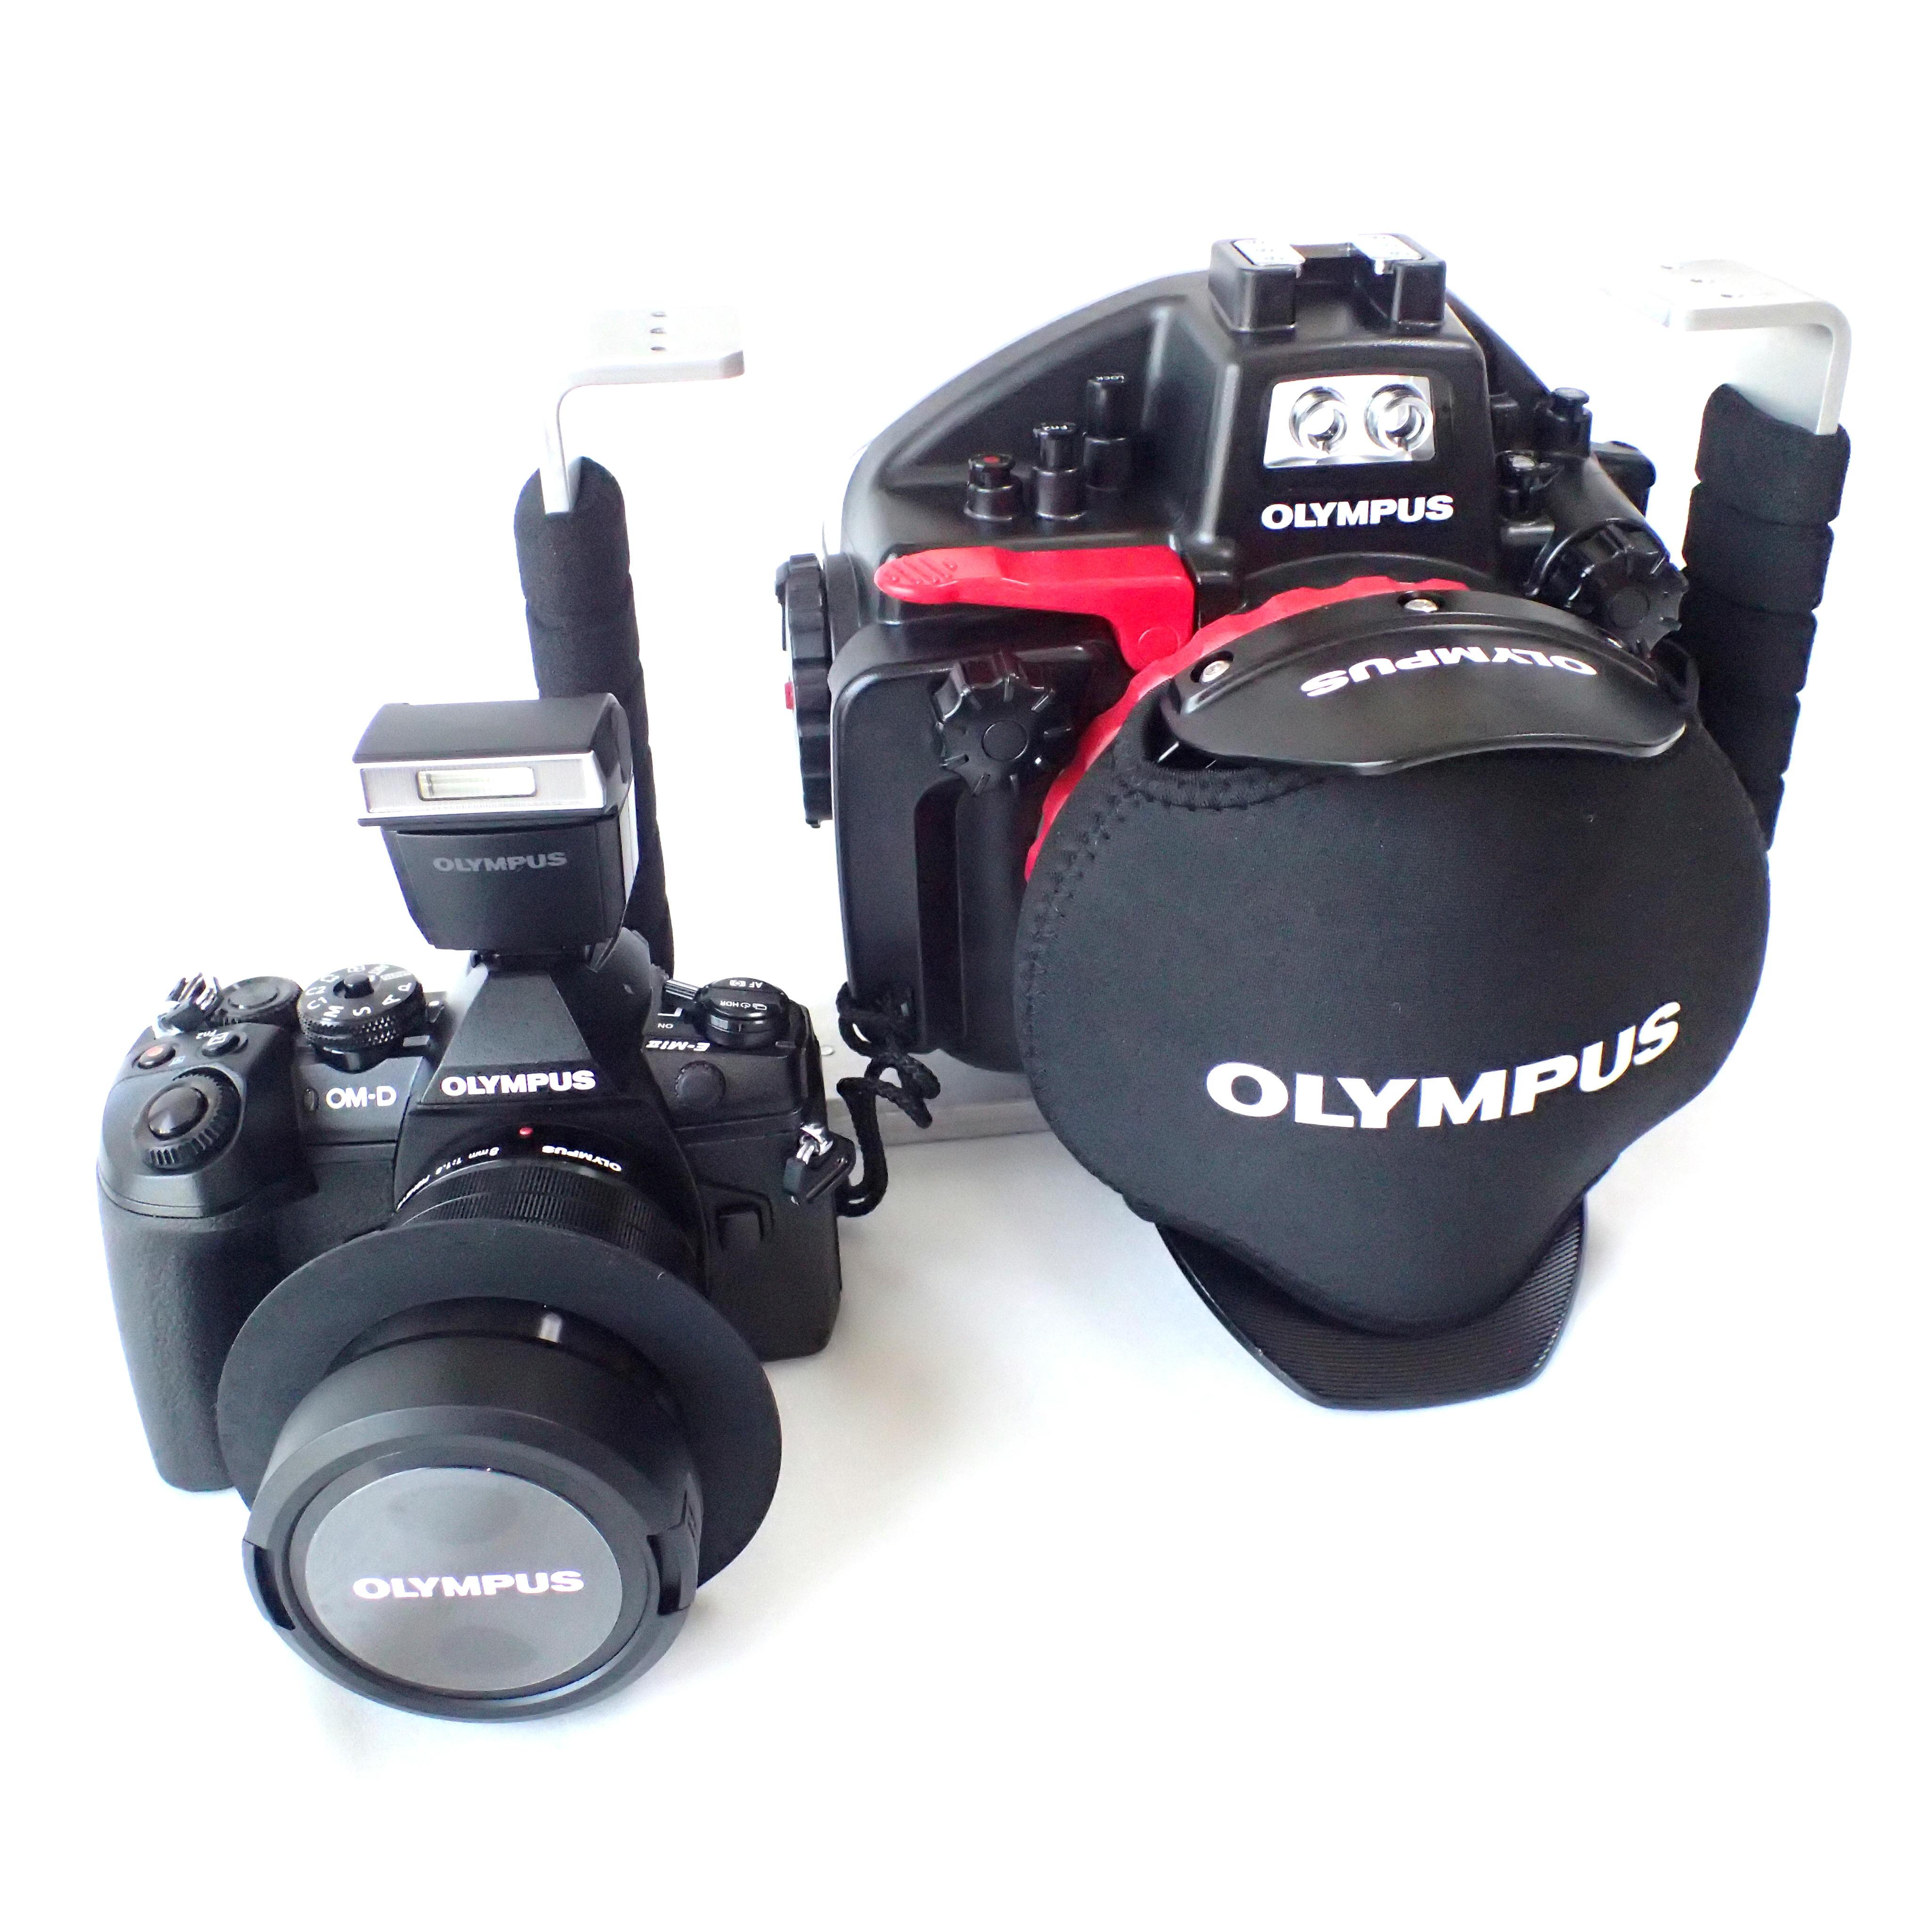 オリンパス ミラーレス一眼カメラ防水プロテクター(ハウジング)対応用のワイド専用ポートやマクロ専用ポートを取り扱っています。 コンパクトデジタルカメラ Tough(TGシリーズ)の防水プロテクター(ハウジング)用のワイドコンバージョンレンズ、マクロレンズを取り扱っています。 オリンパス防水プロテクター用に開発されたMPBKグリップ(ブラケット)やMPアームを取り扱っています。